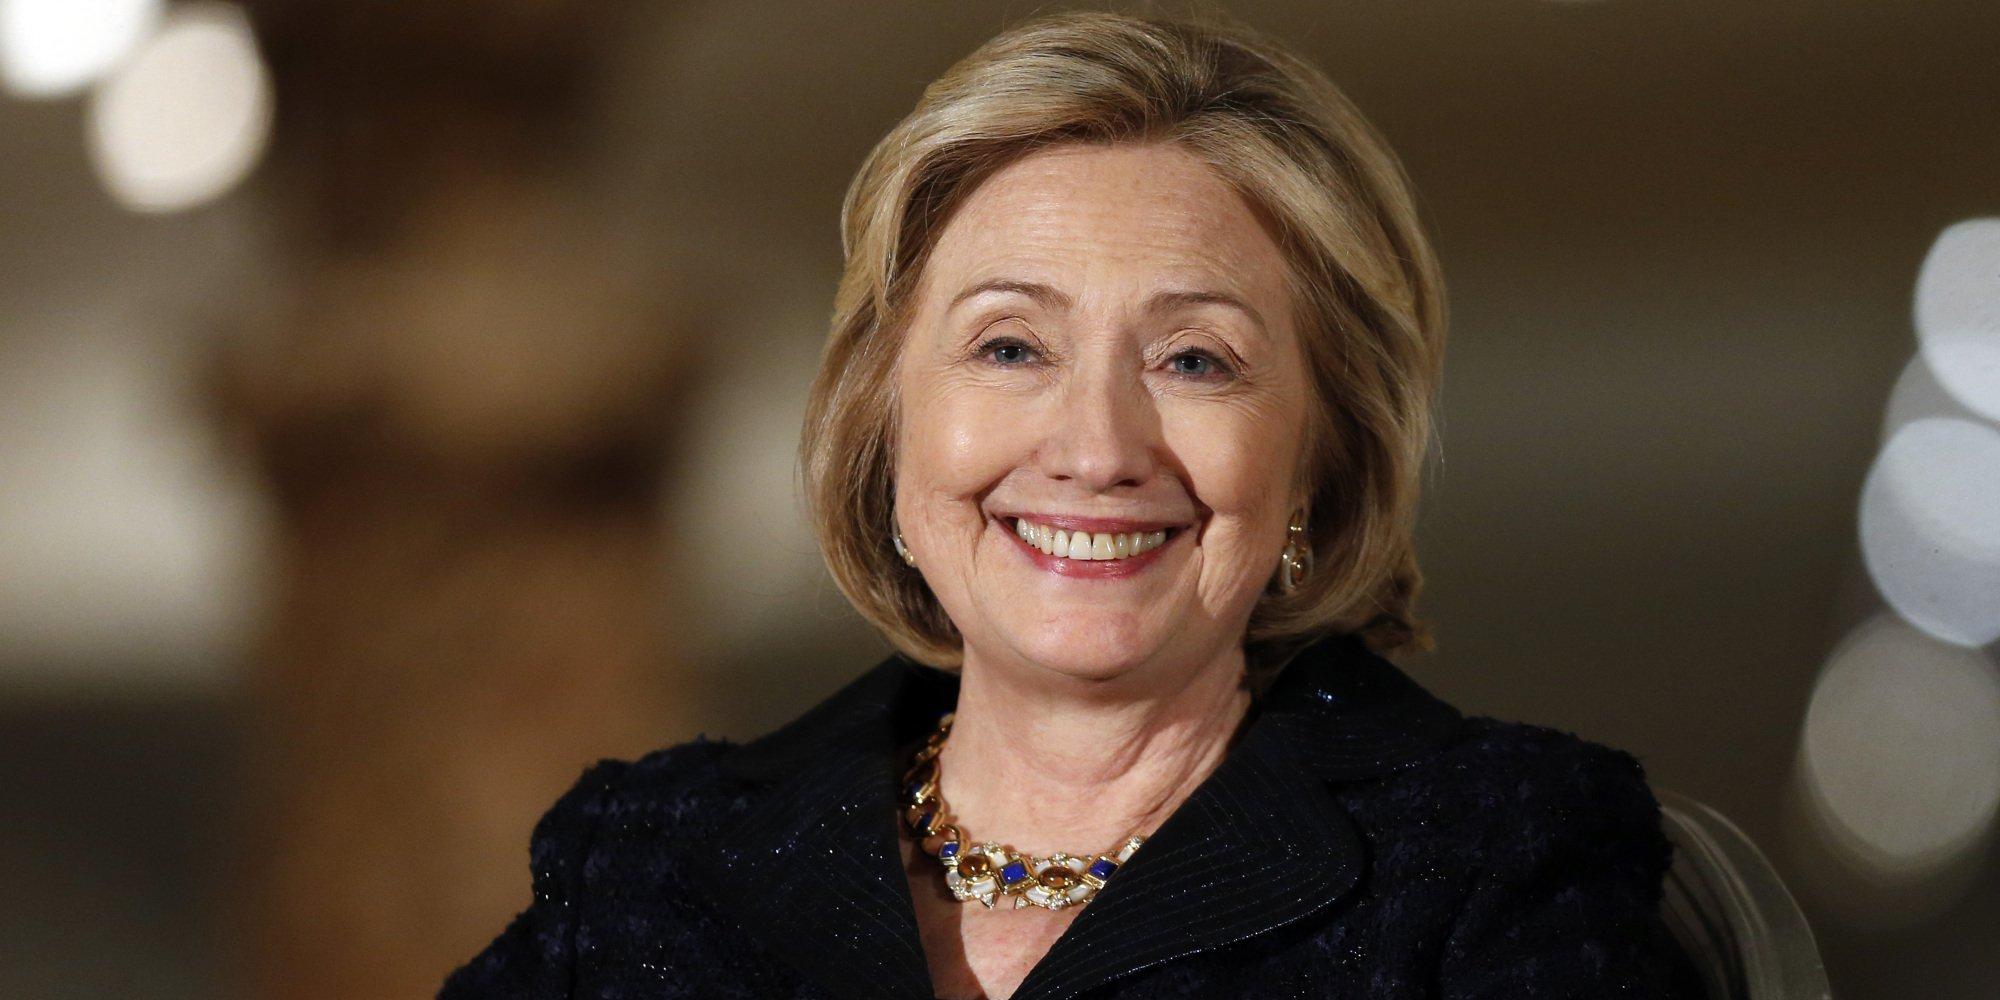 Hillary Clinton, Taxes